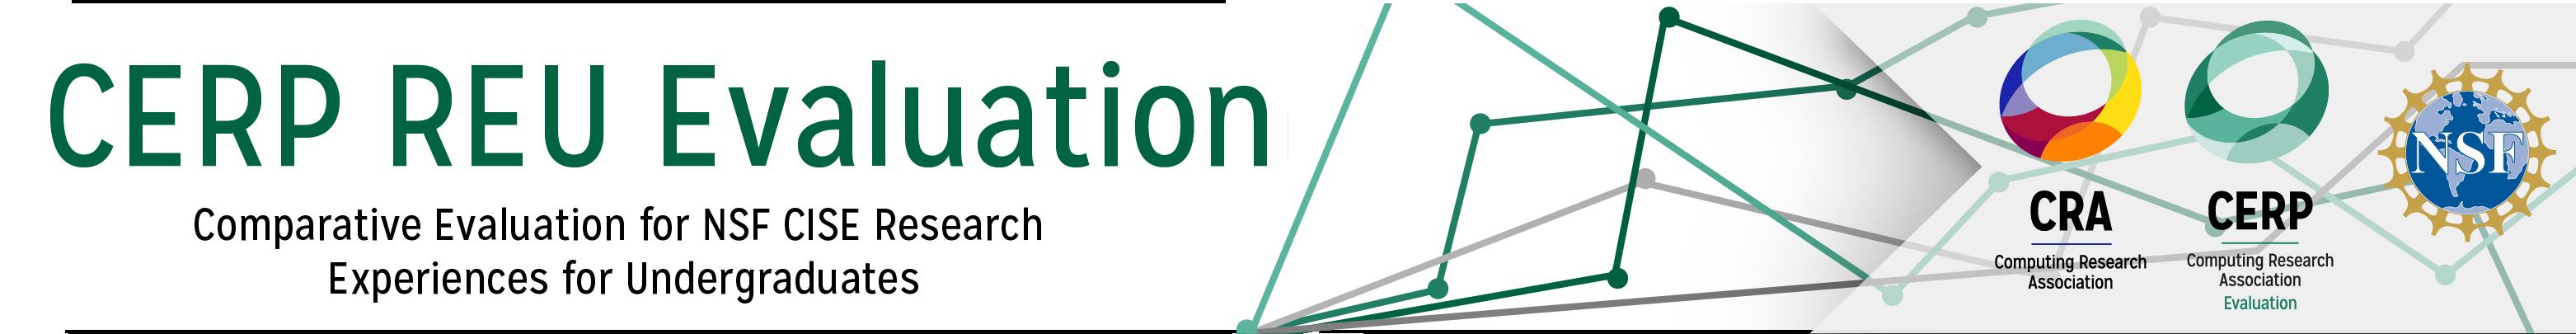 CERP REU Evaluation